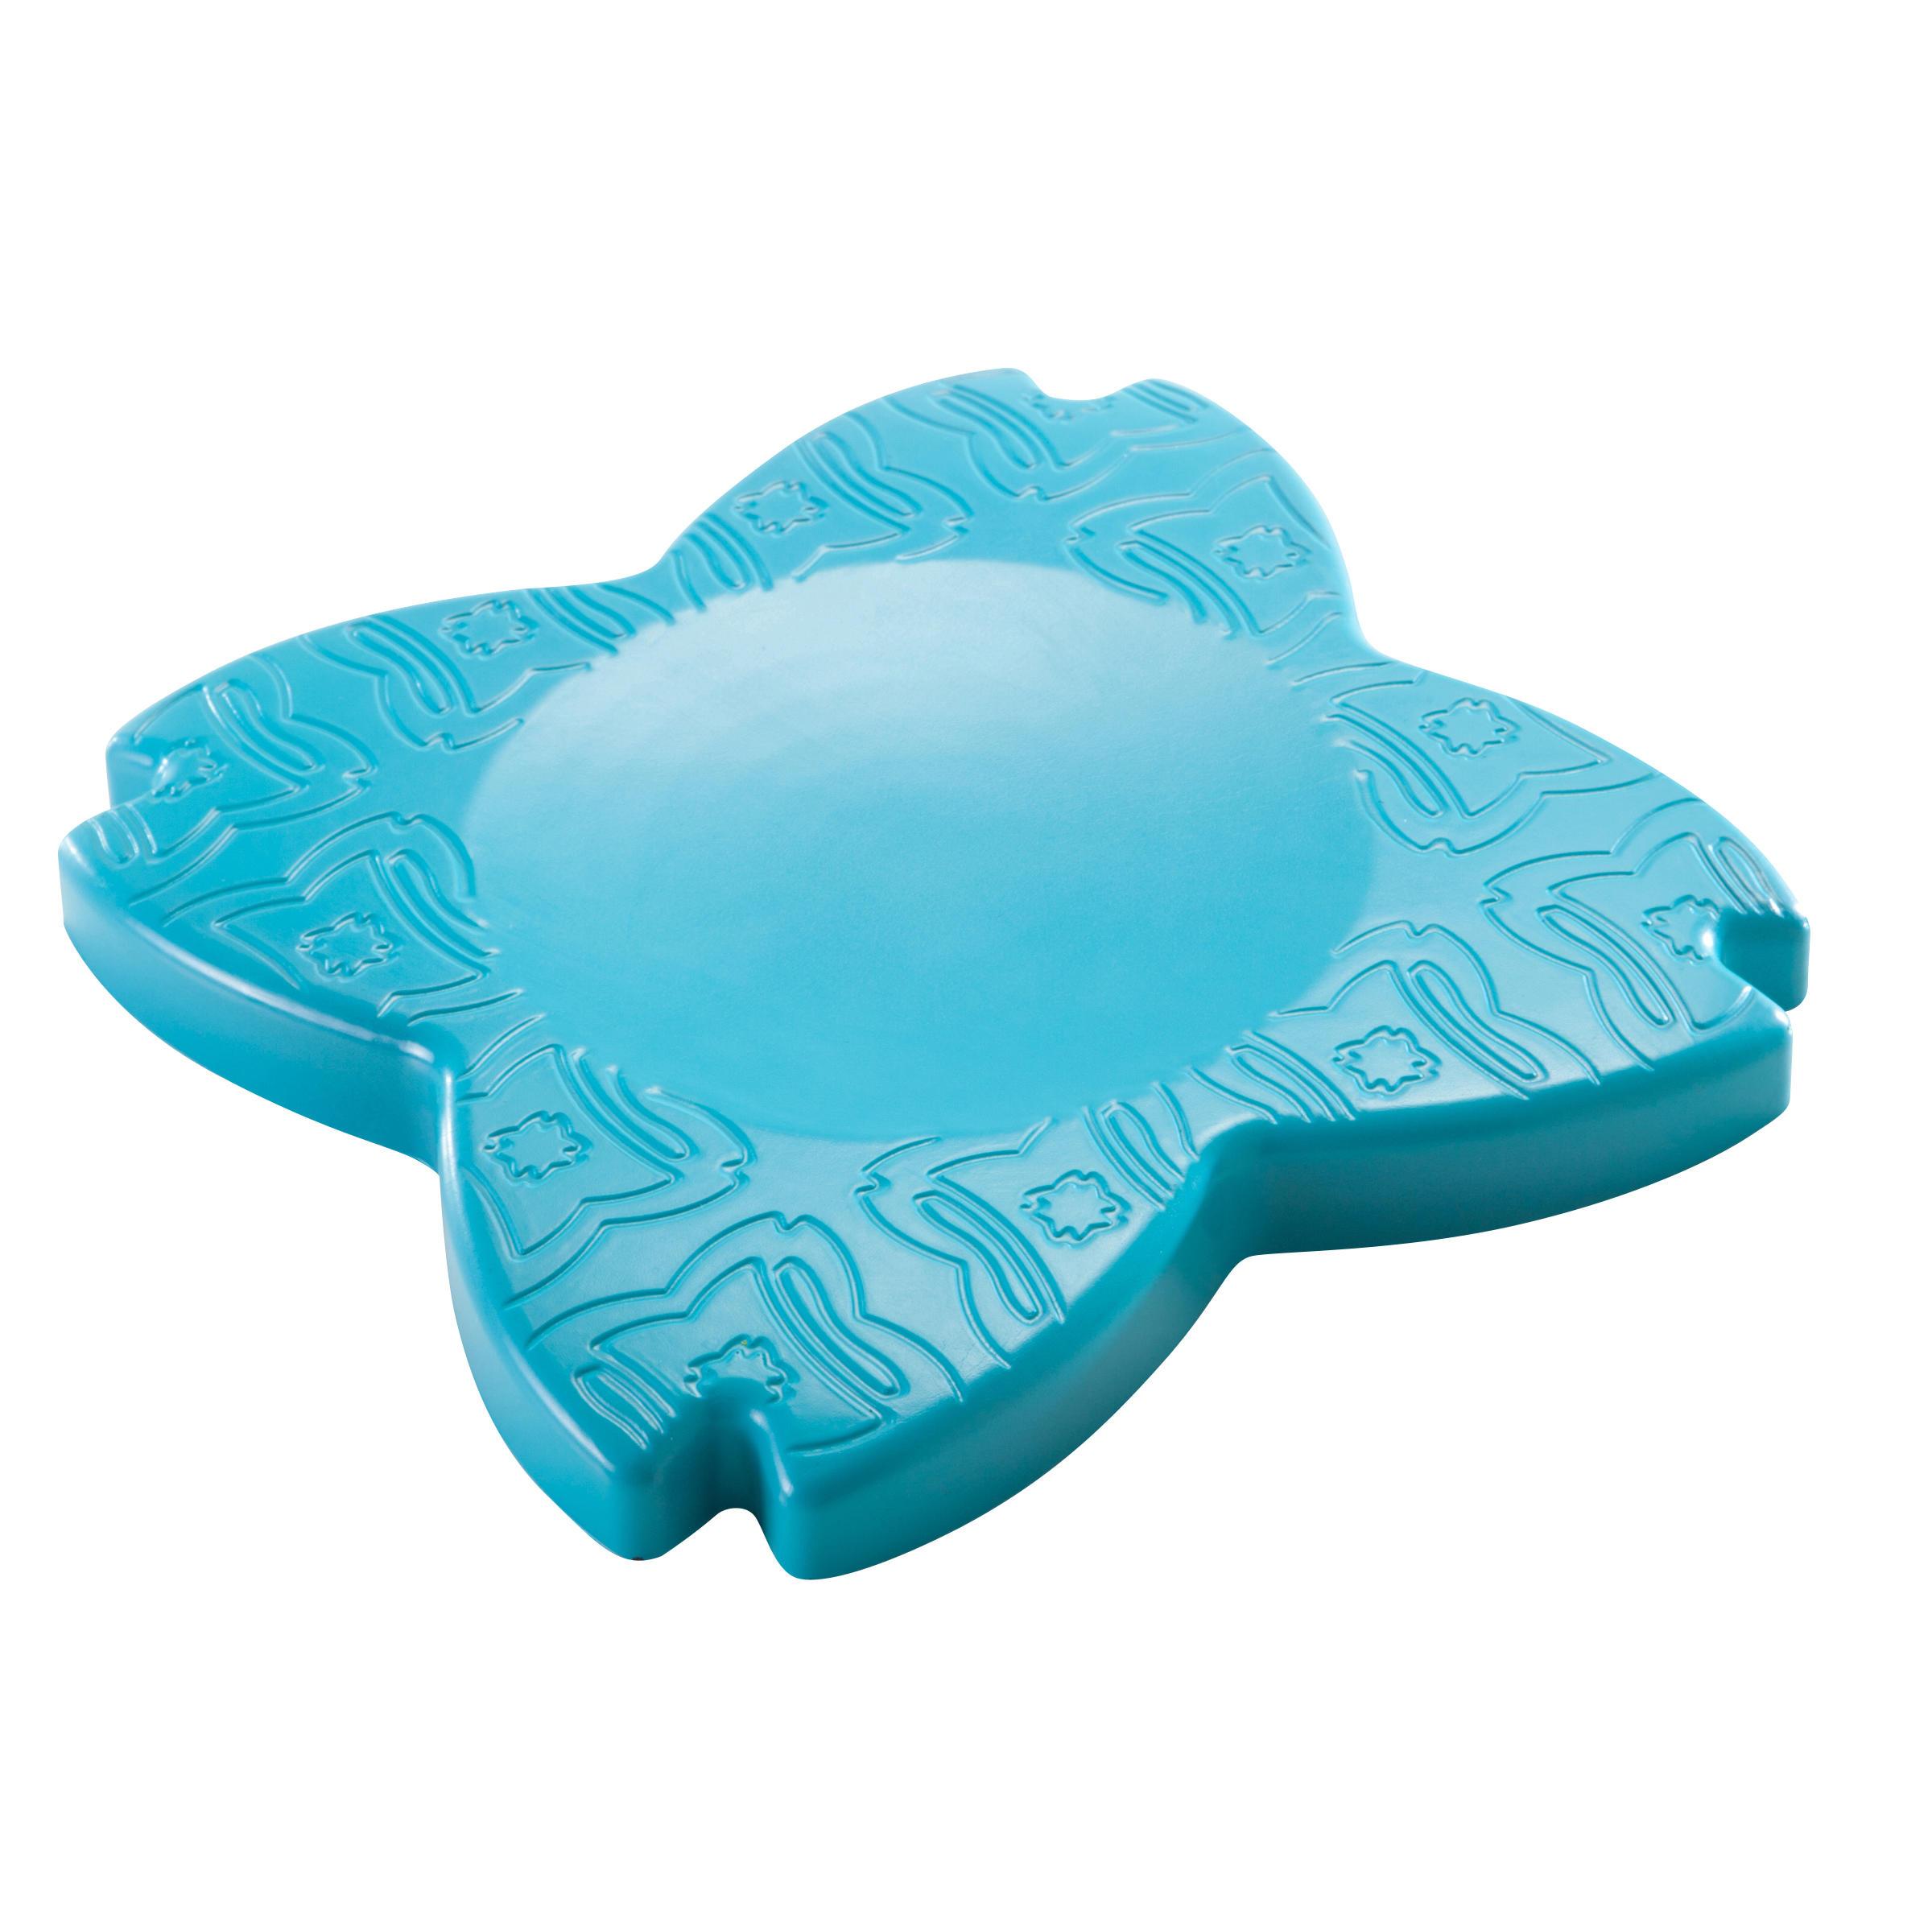 Yoga-Pad blau   03608419206838